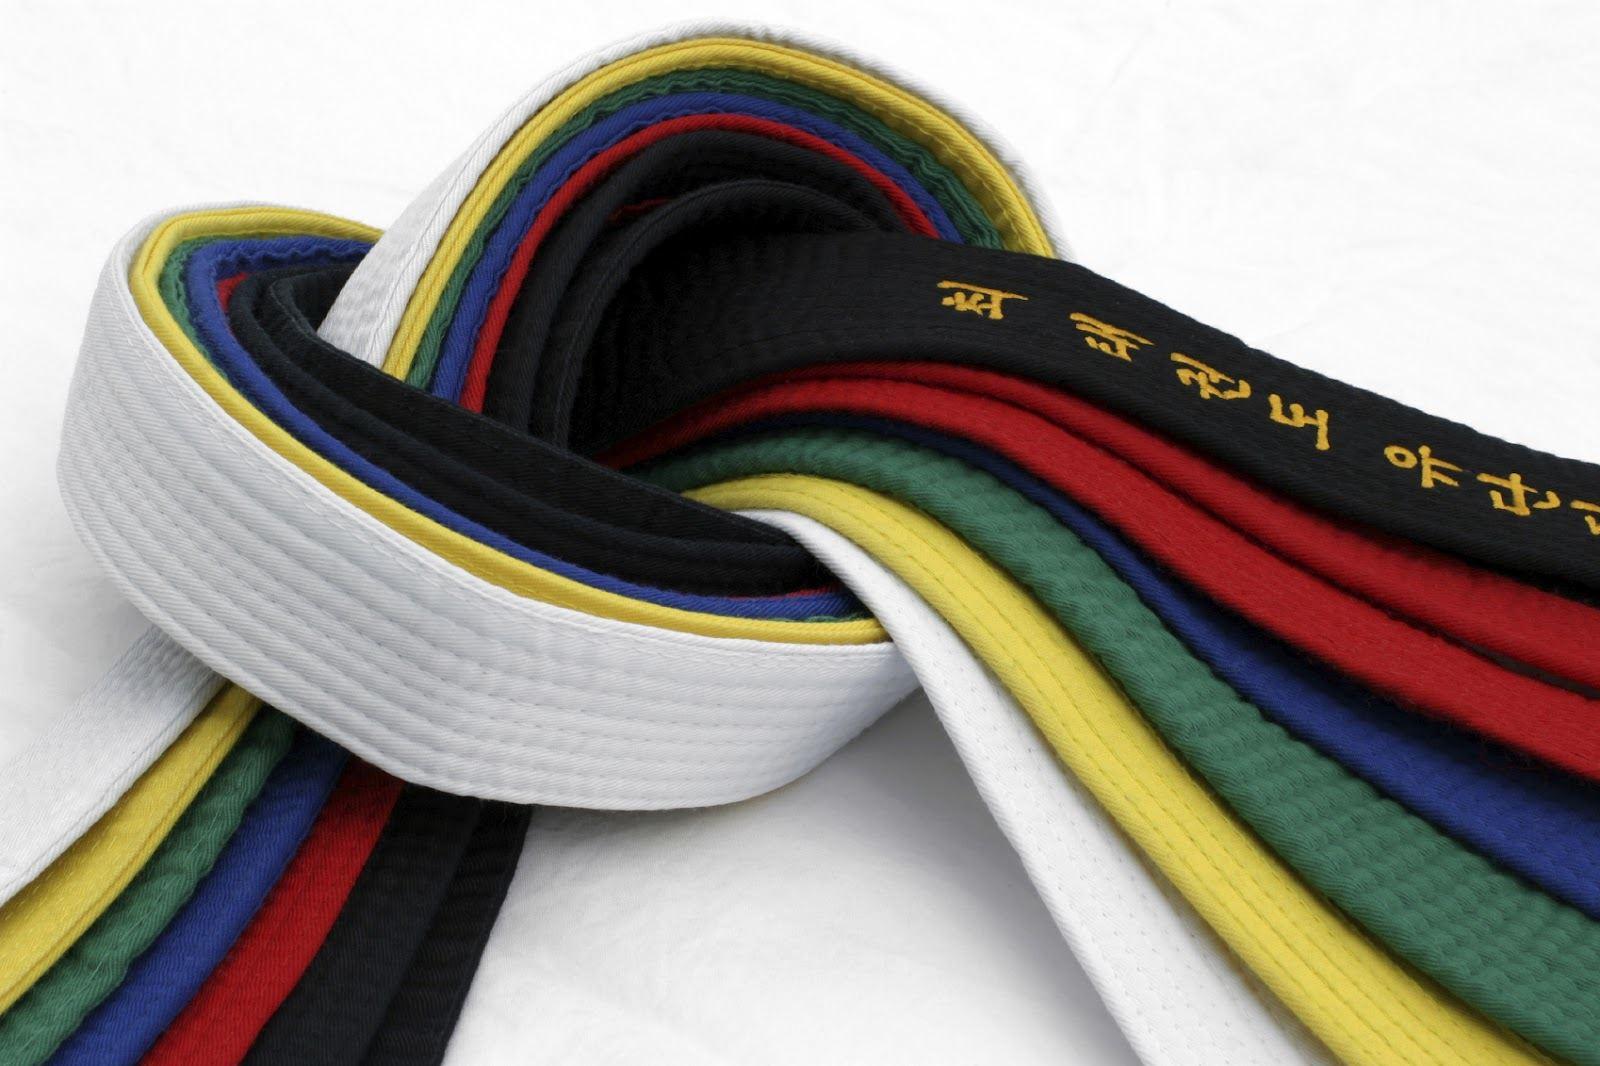 The Swedish Cup 3 in Taekwondo